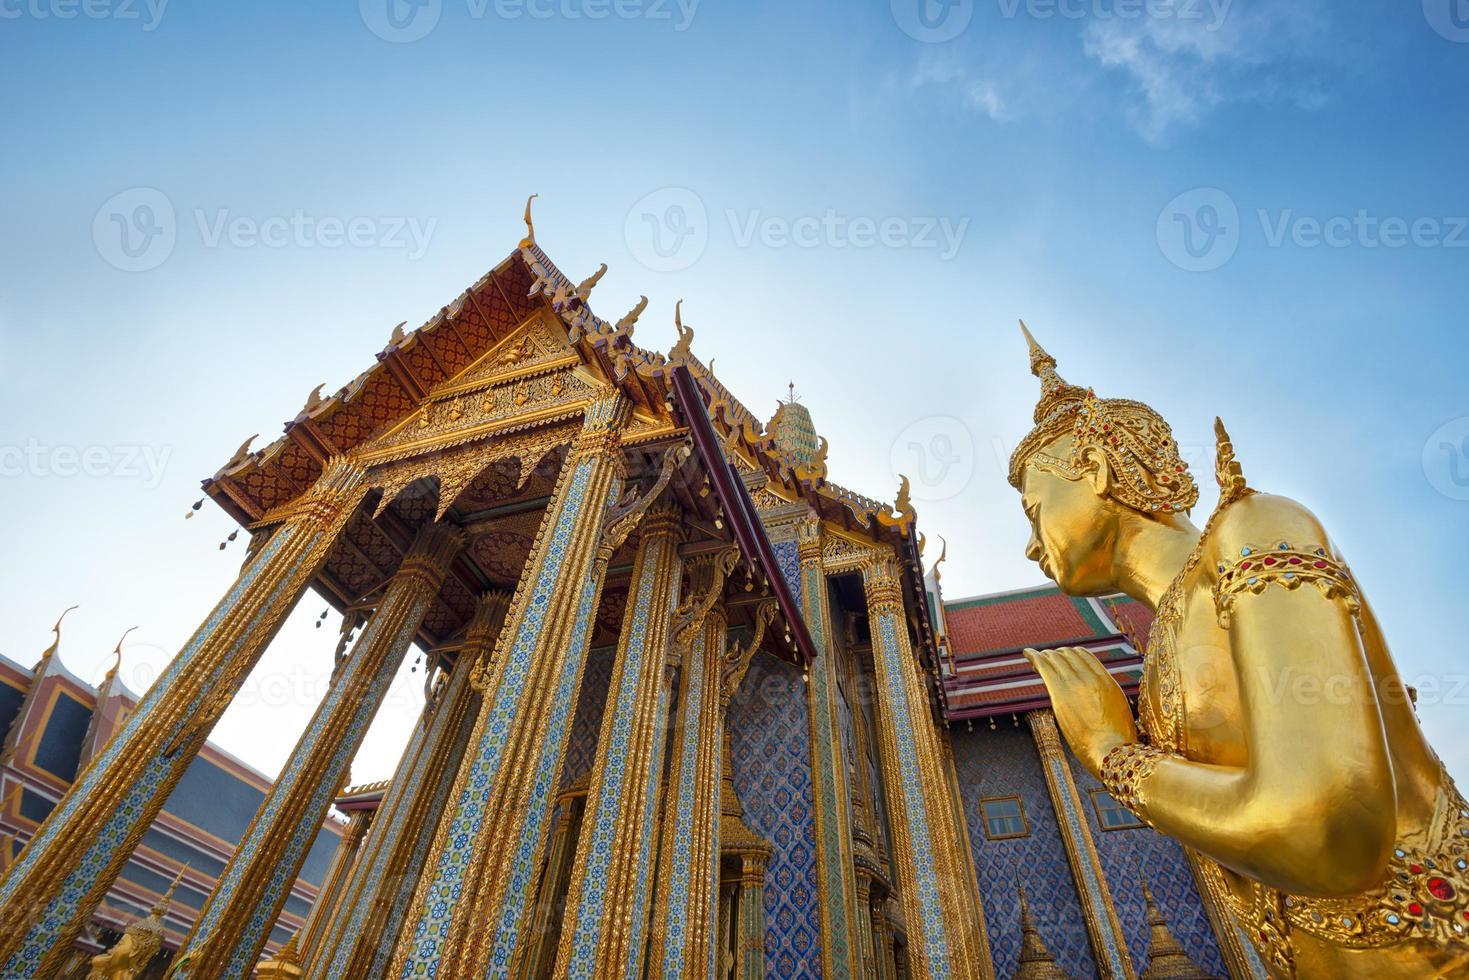 tempio a bangkok - thailandia foto